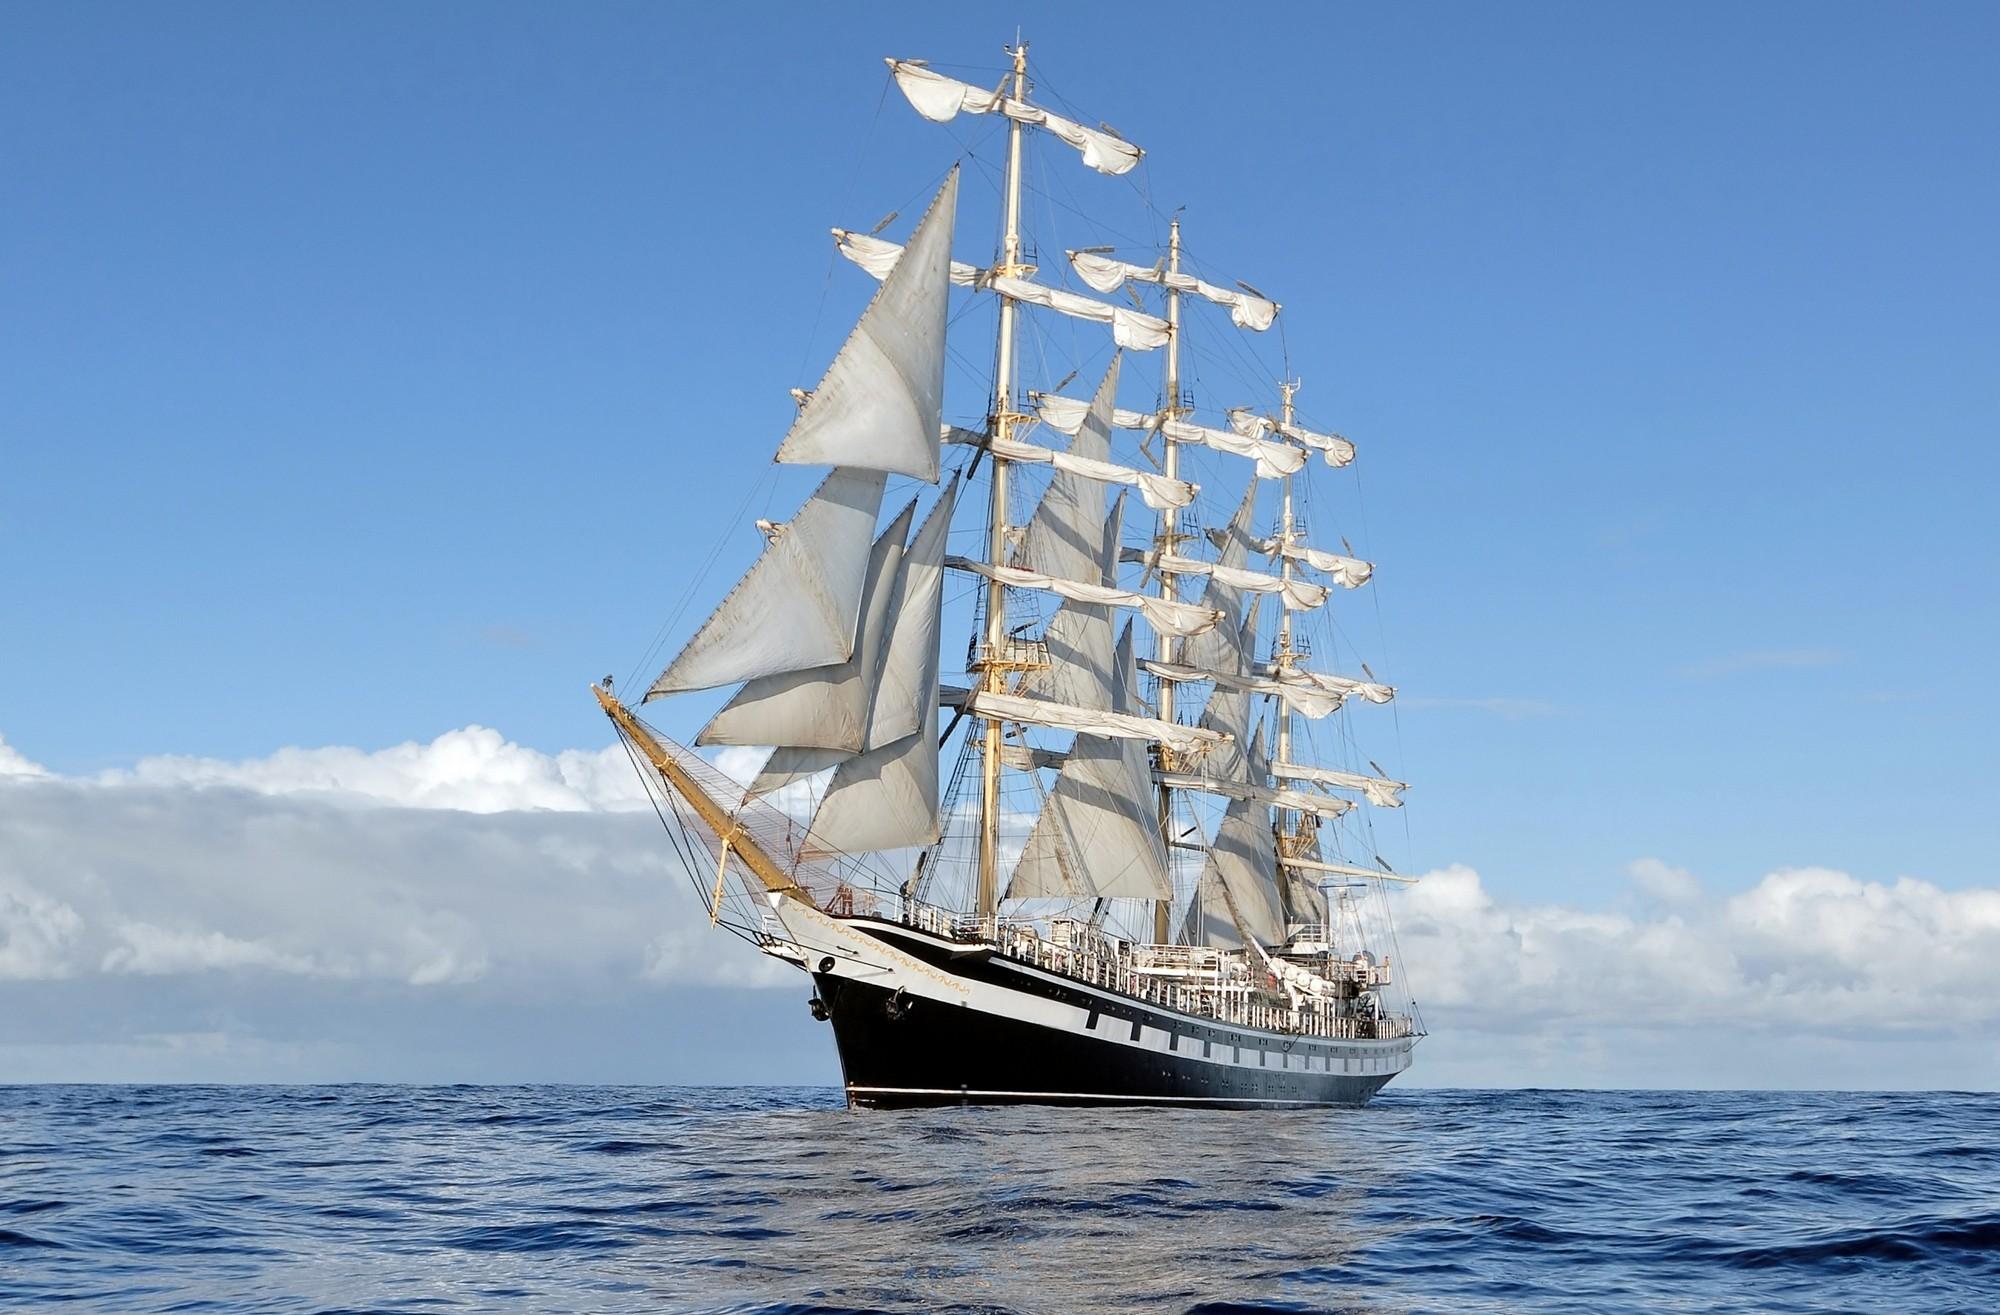 والپیپر کشتی های بادبانی